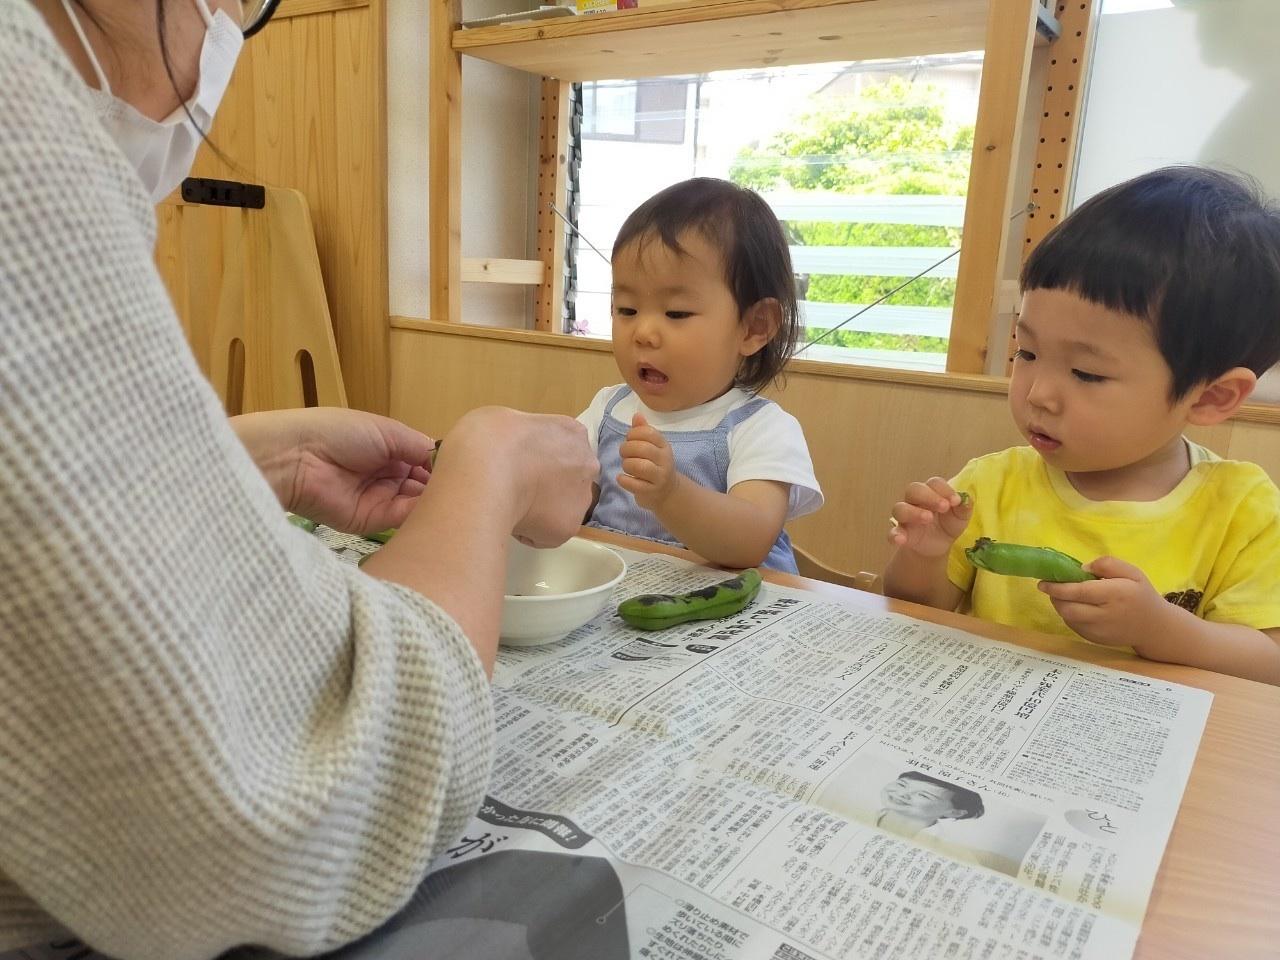 新百合ヶ丘ルーム〜食育&お稽古〜_a0318871_20224332.jpeg